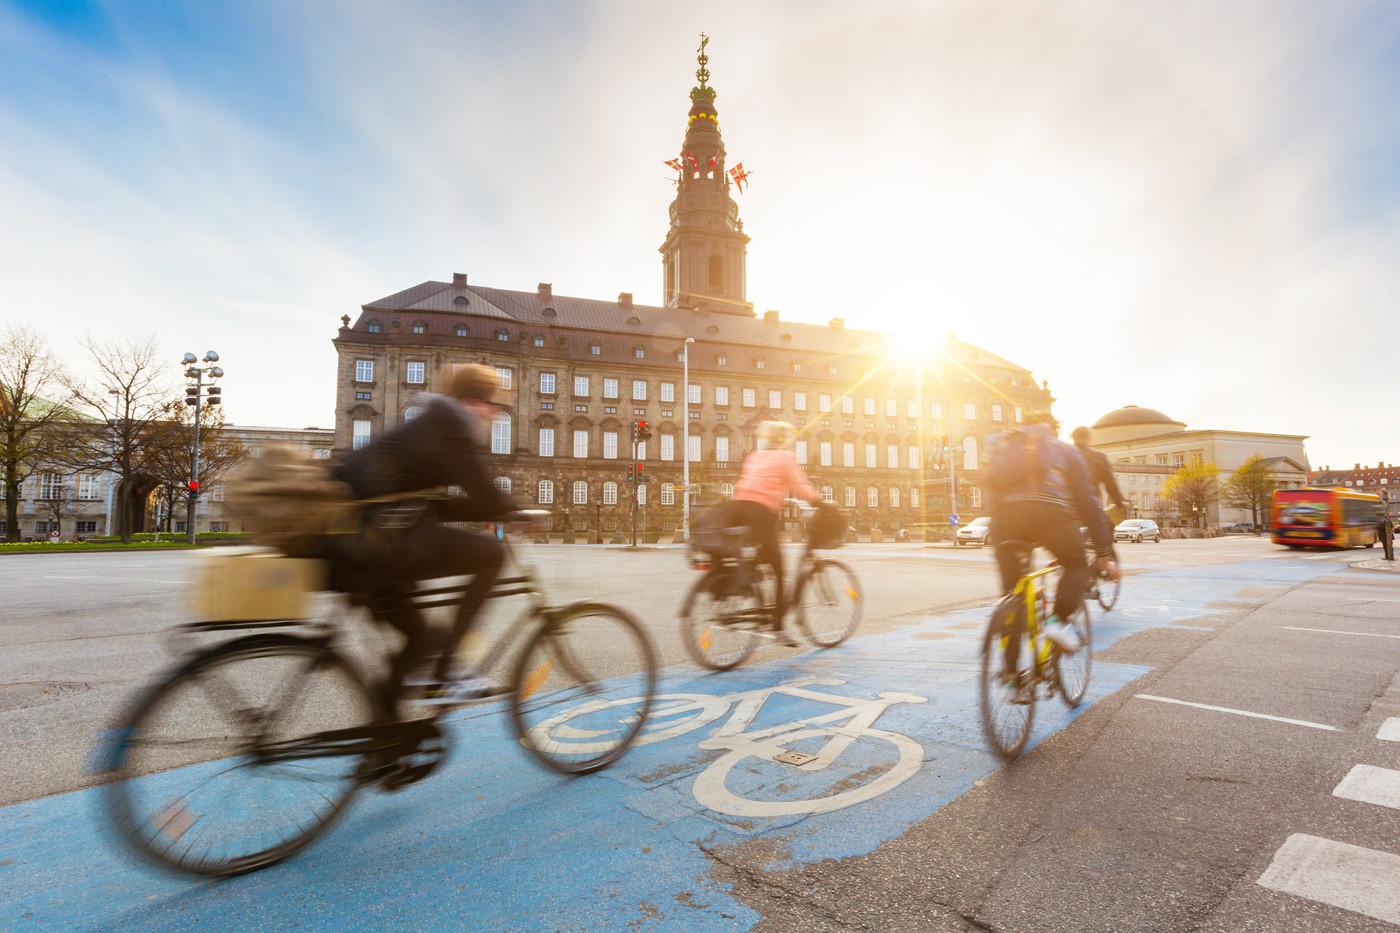 Desarrollo sostenible en las ciudades